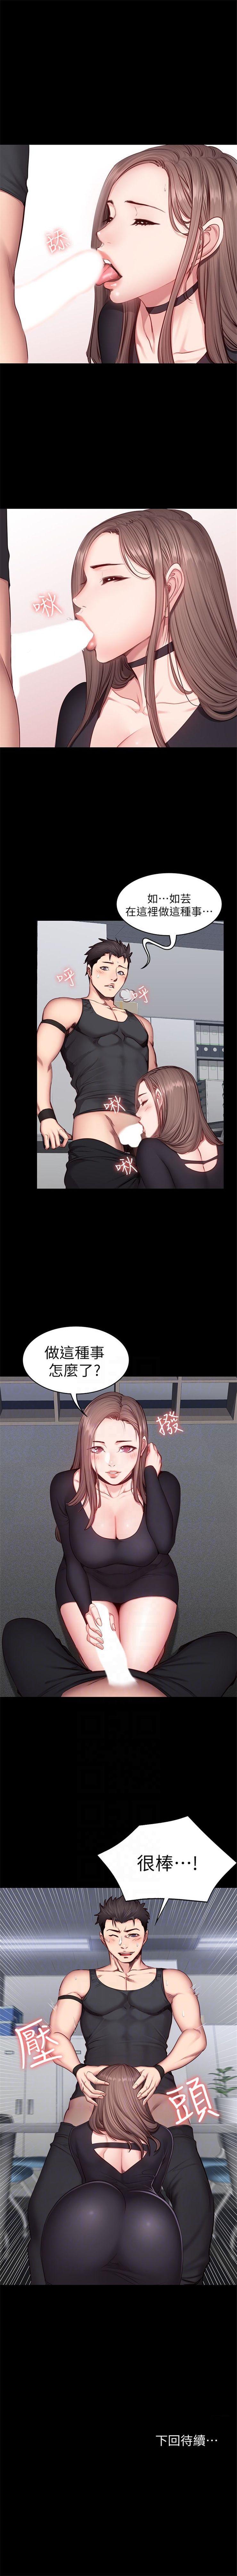 (週3)健身教練 1-37 中文翻譯 (更新中) 114